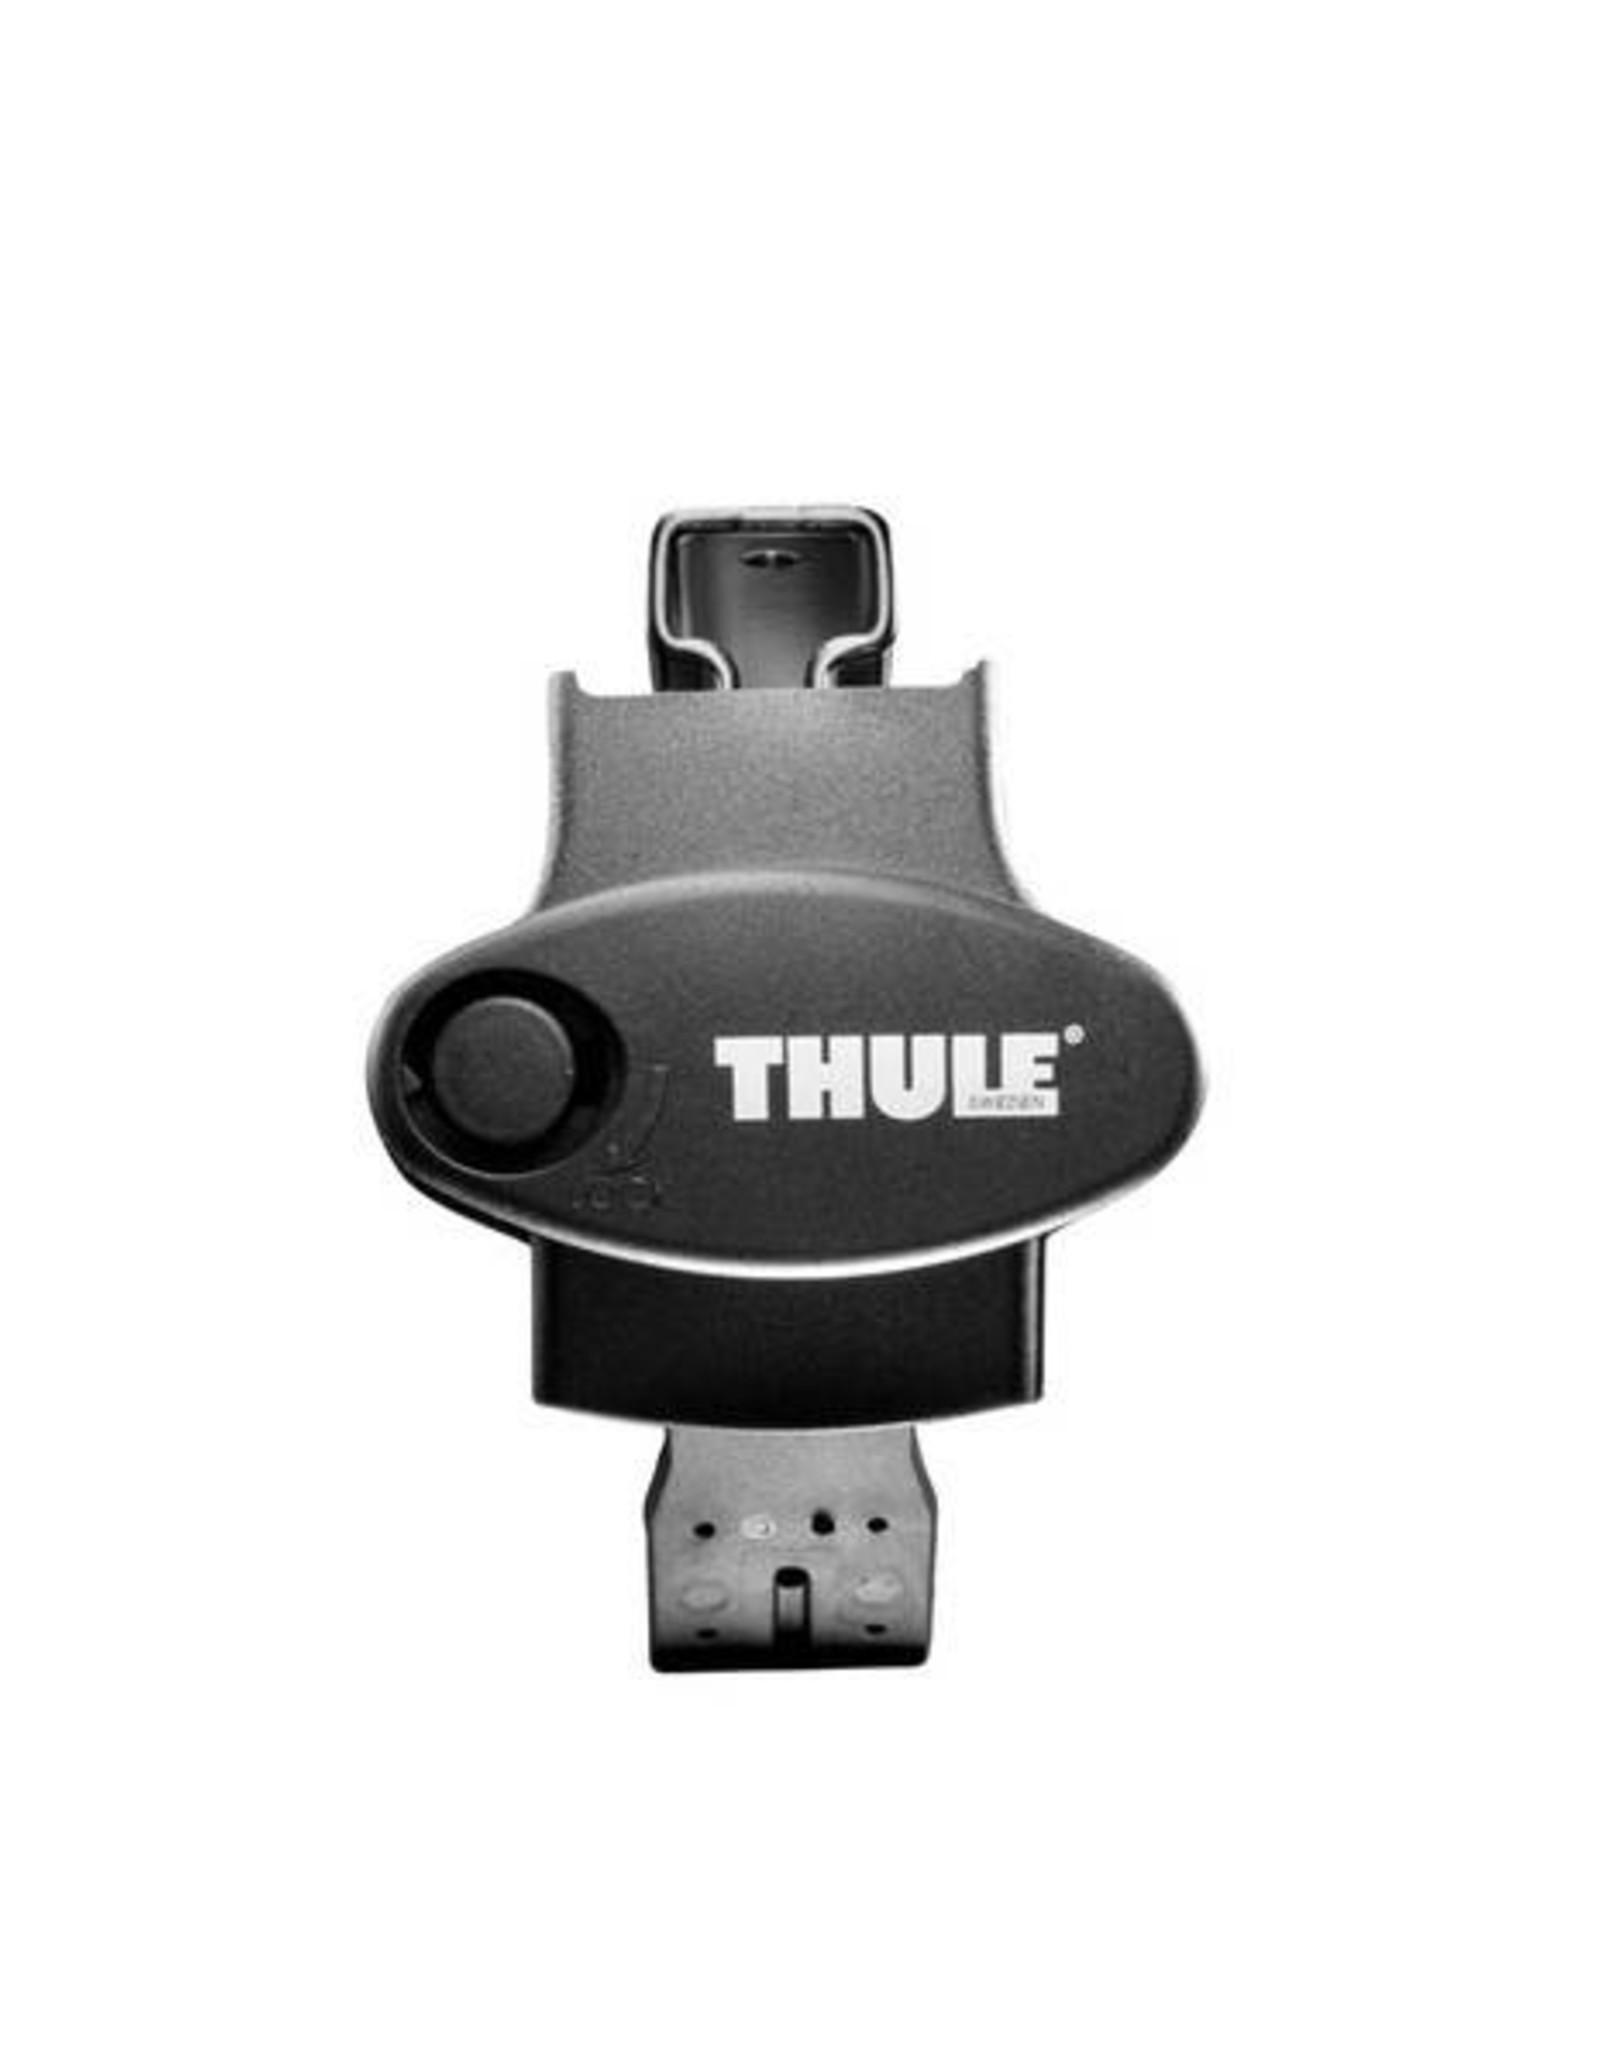 Thule Thule Rapid Crossroads 450R